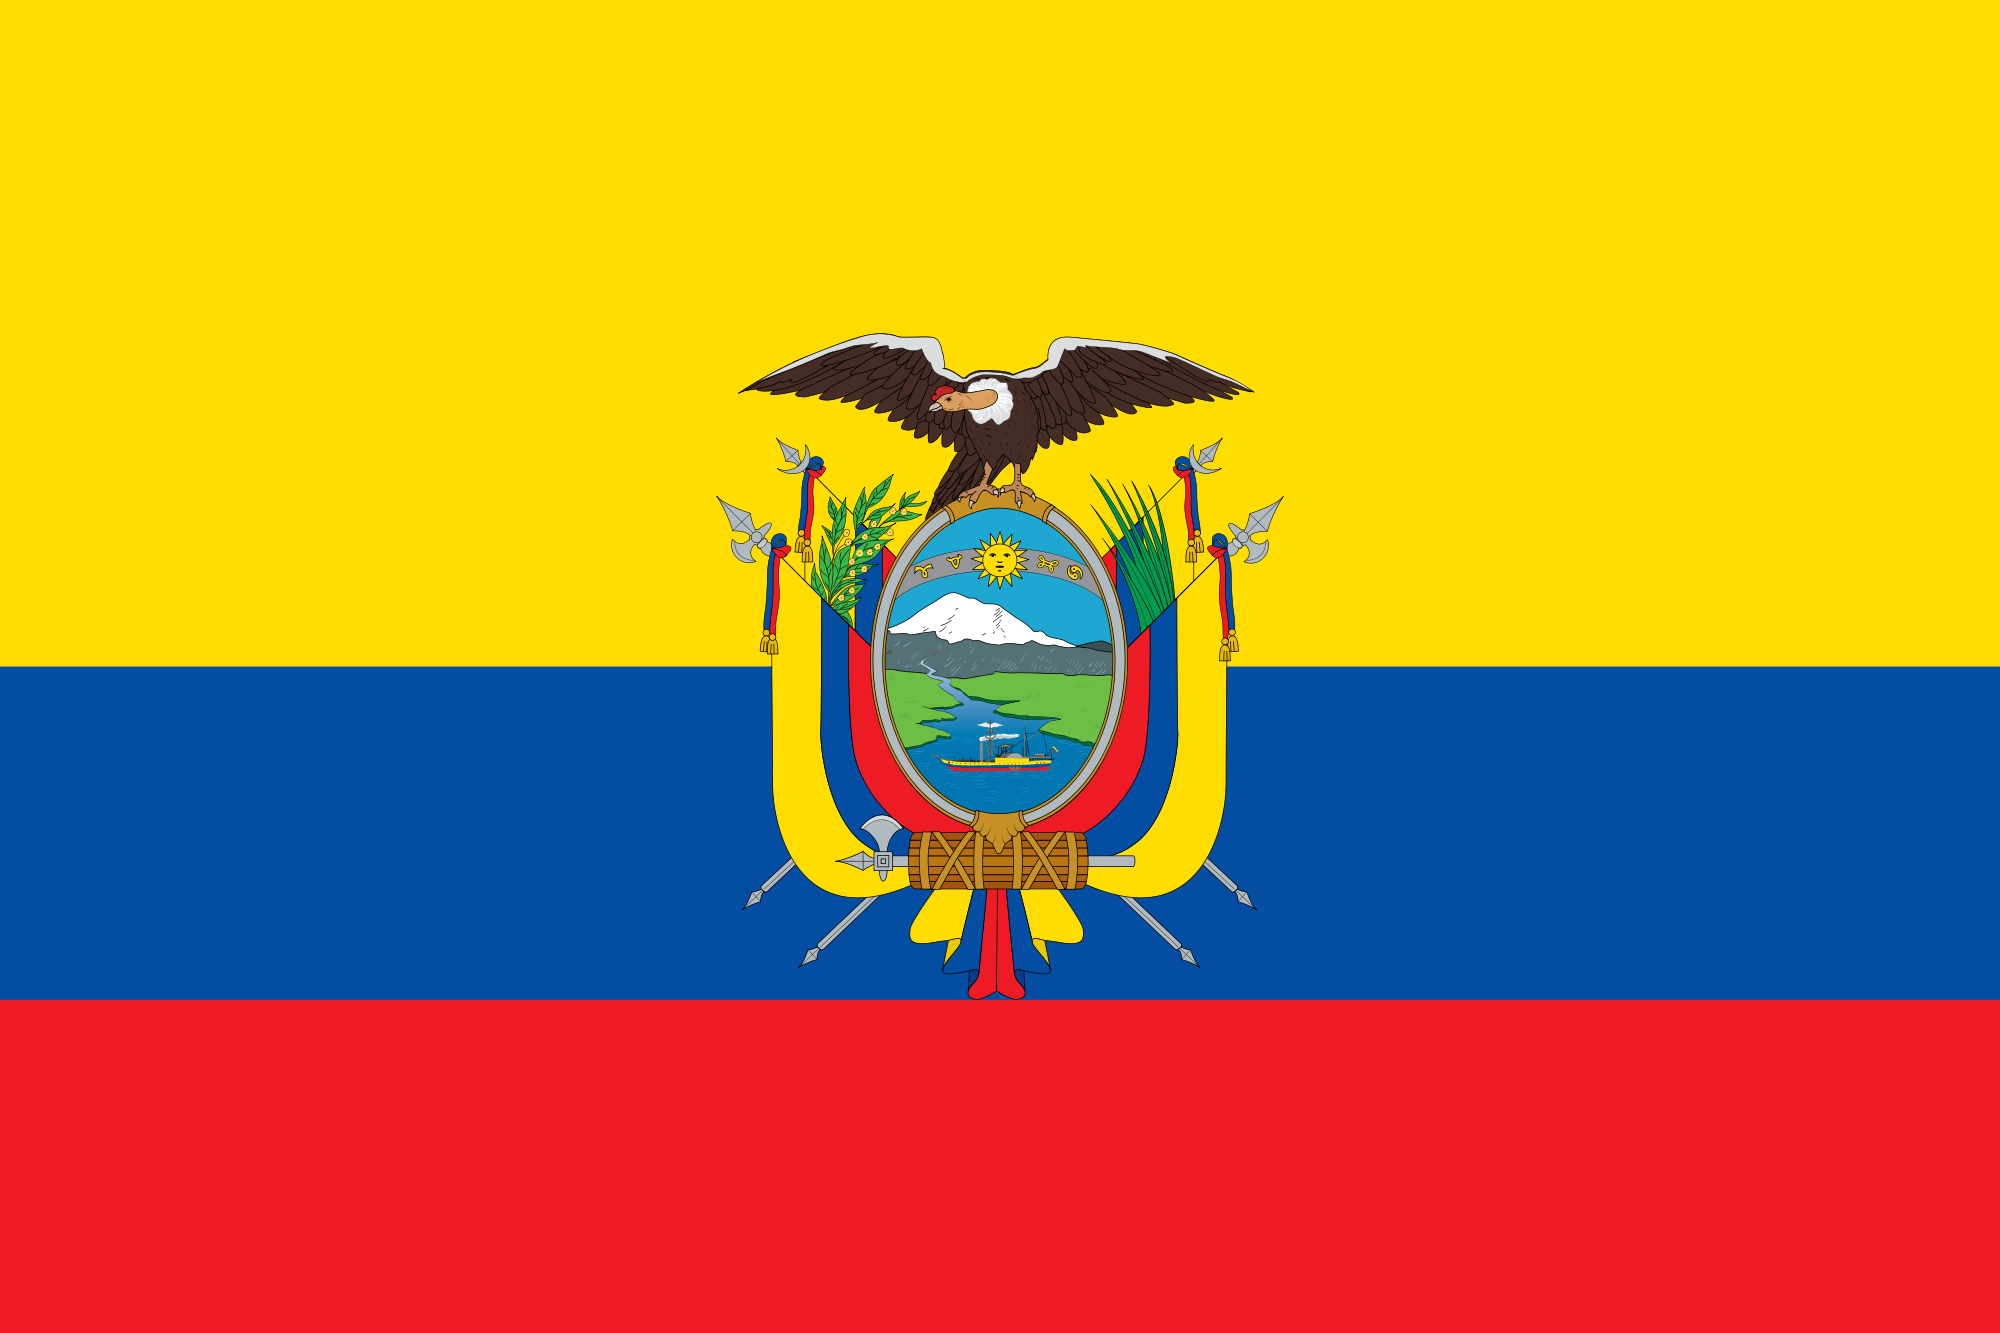 Ecuador Vector Flag File:flag of Ecuador.png